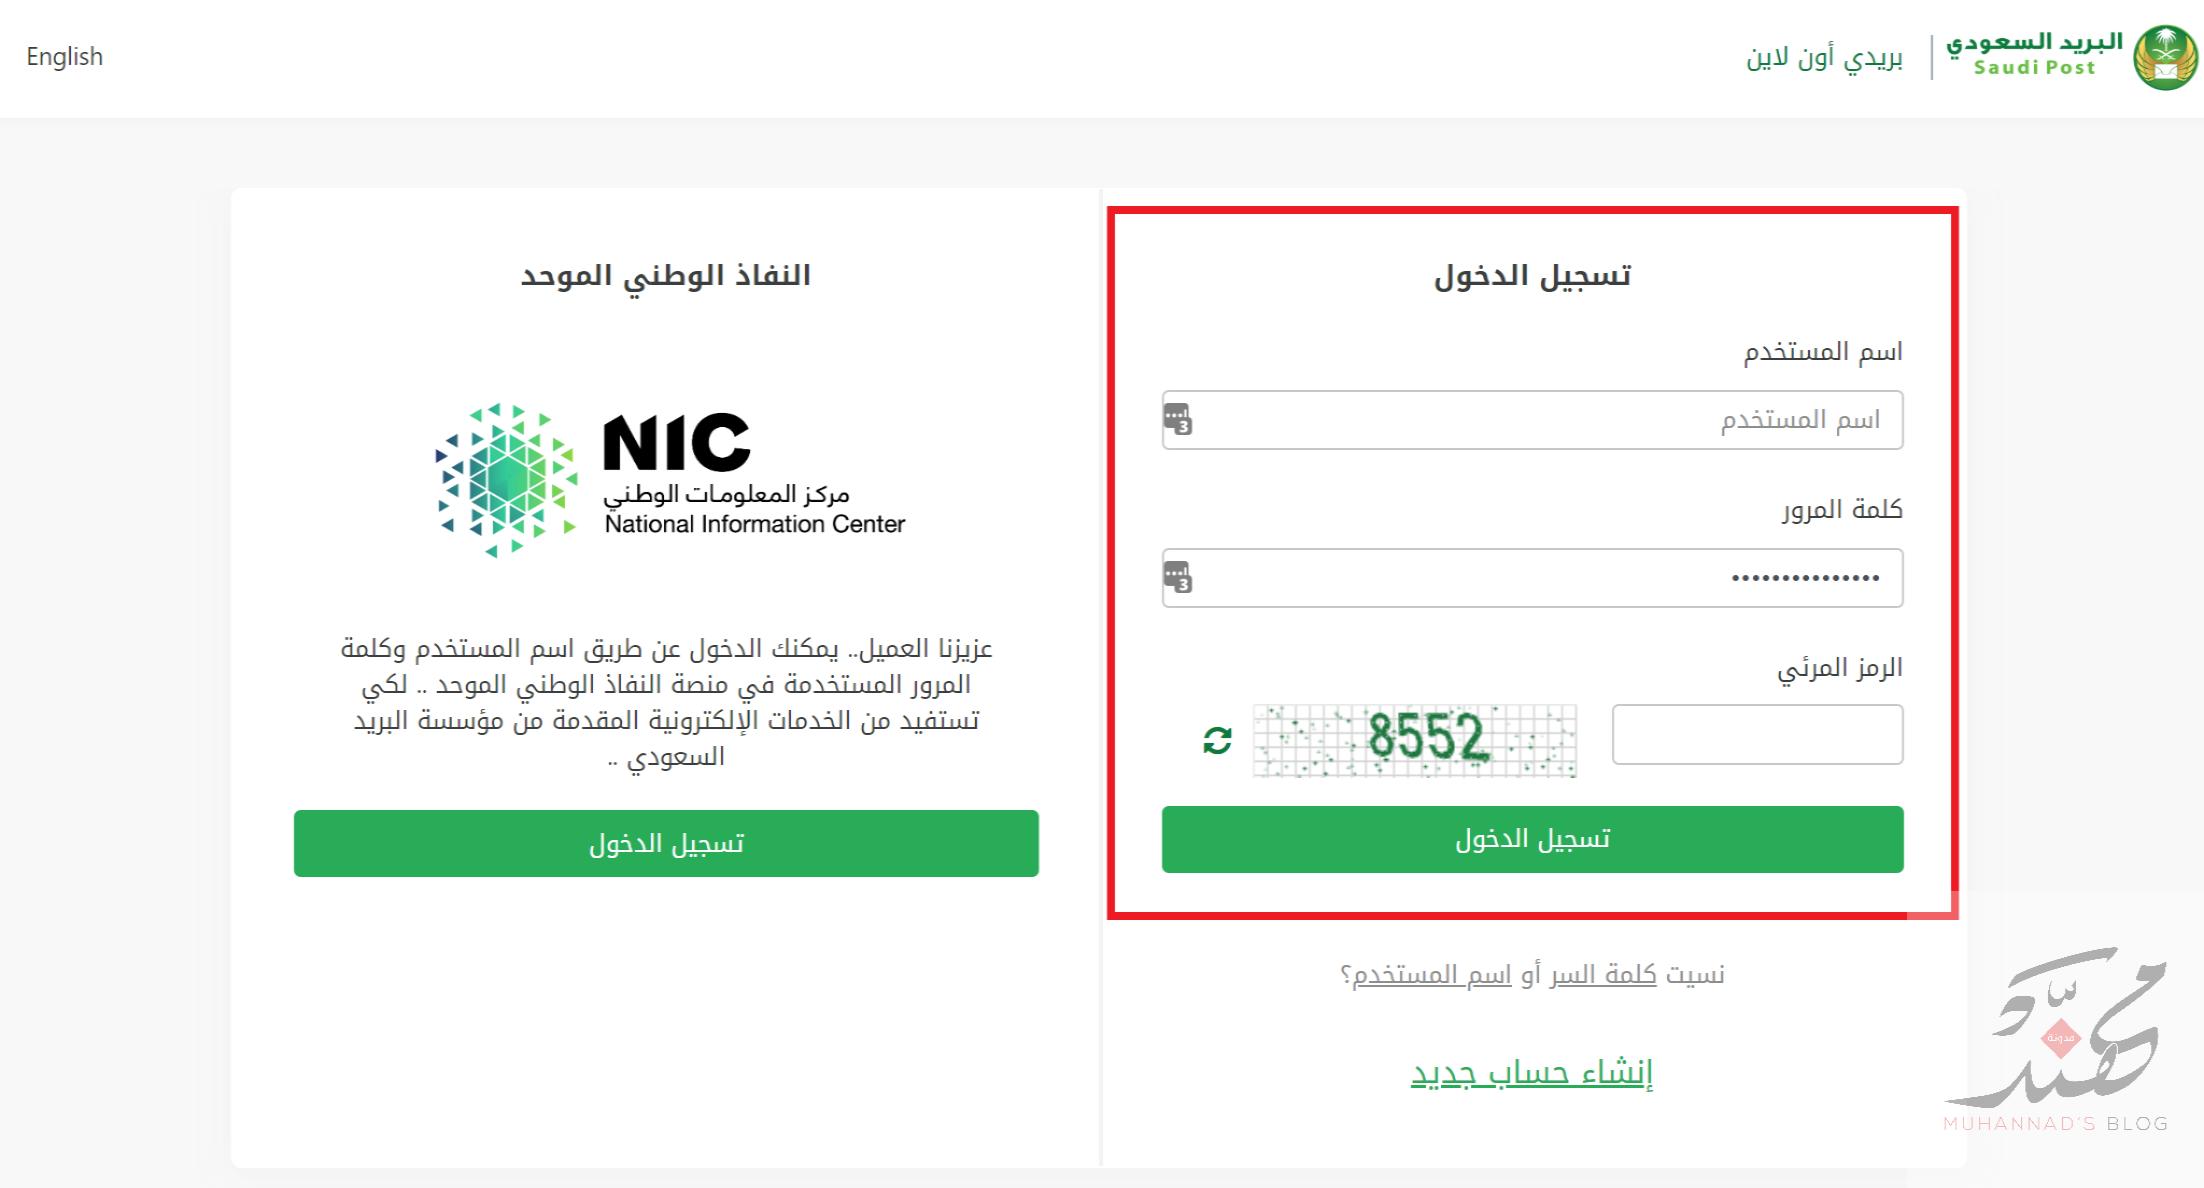 الغرغرة الزنبق مائل طريقة فتح صندوق بريد في البريد السعودي Dsvdedommel Com